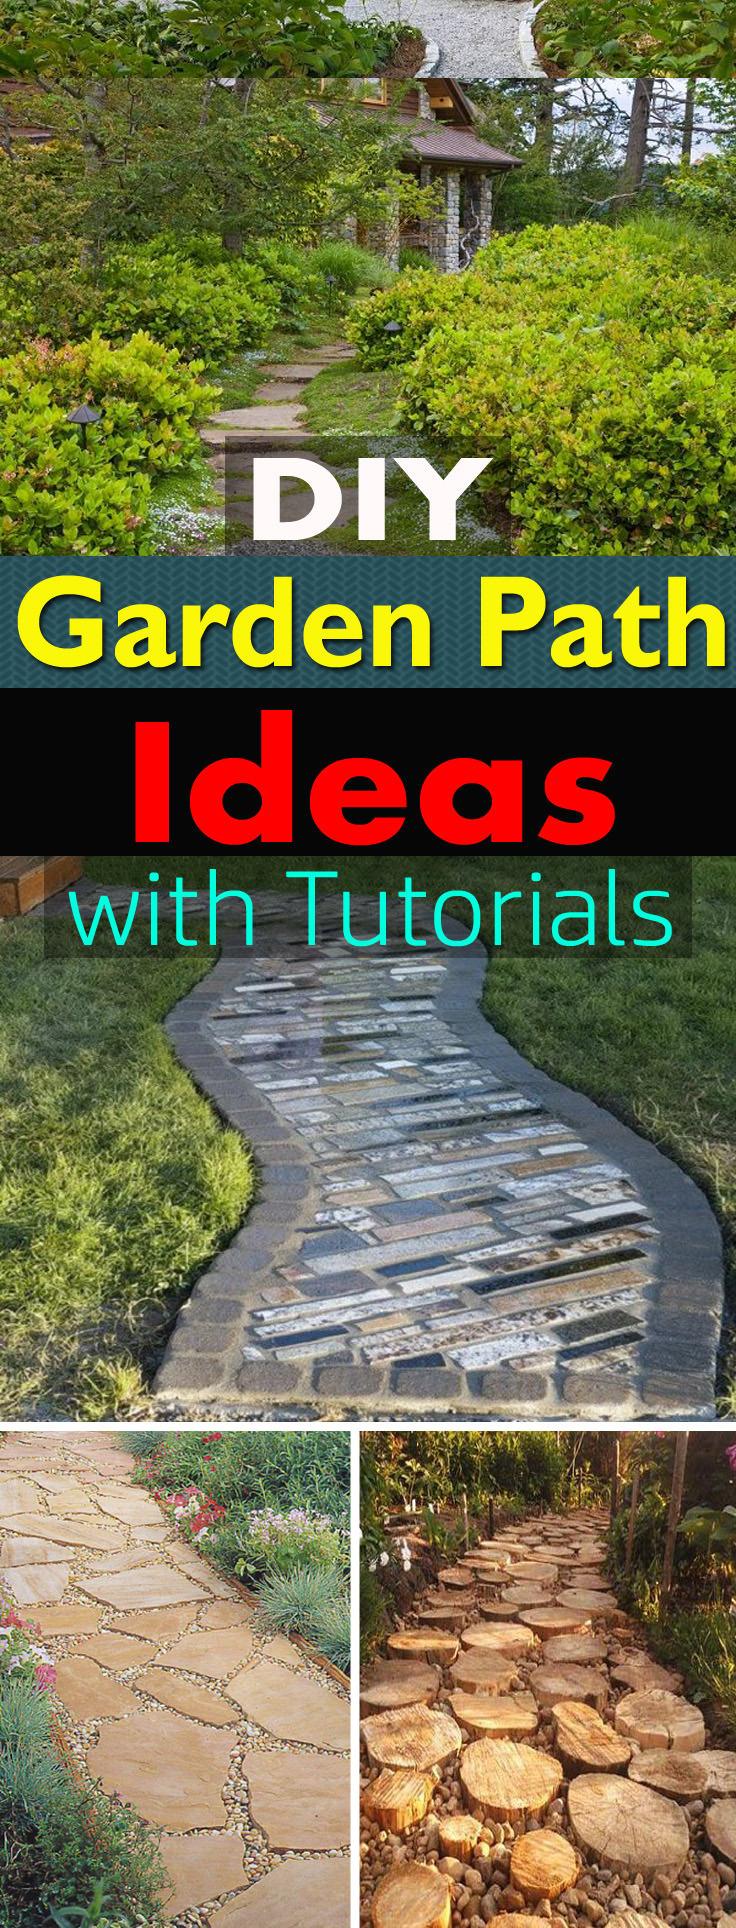 Sidewalk Edging Ideas